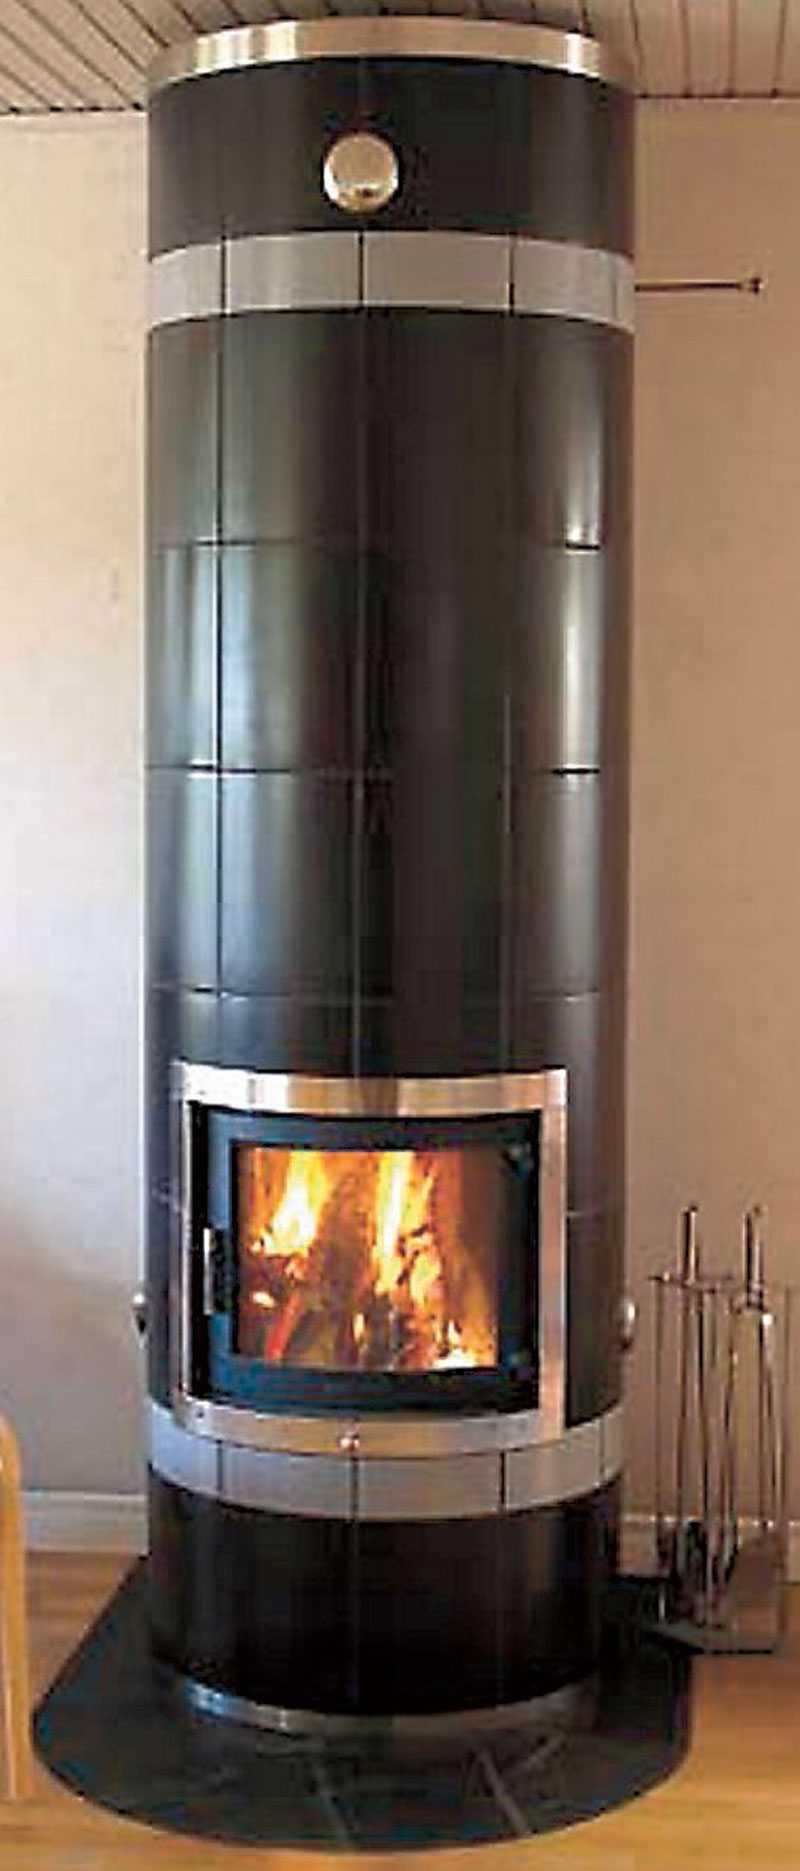 Studio svart. Modern design med stor värmekomfort, här i svart sidenmatt kakel. Pris: 63850 kr. www.gabrielkakelugnar.se